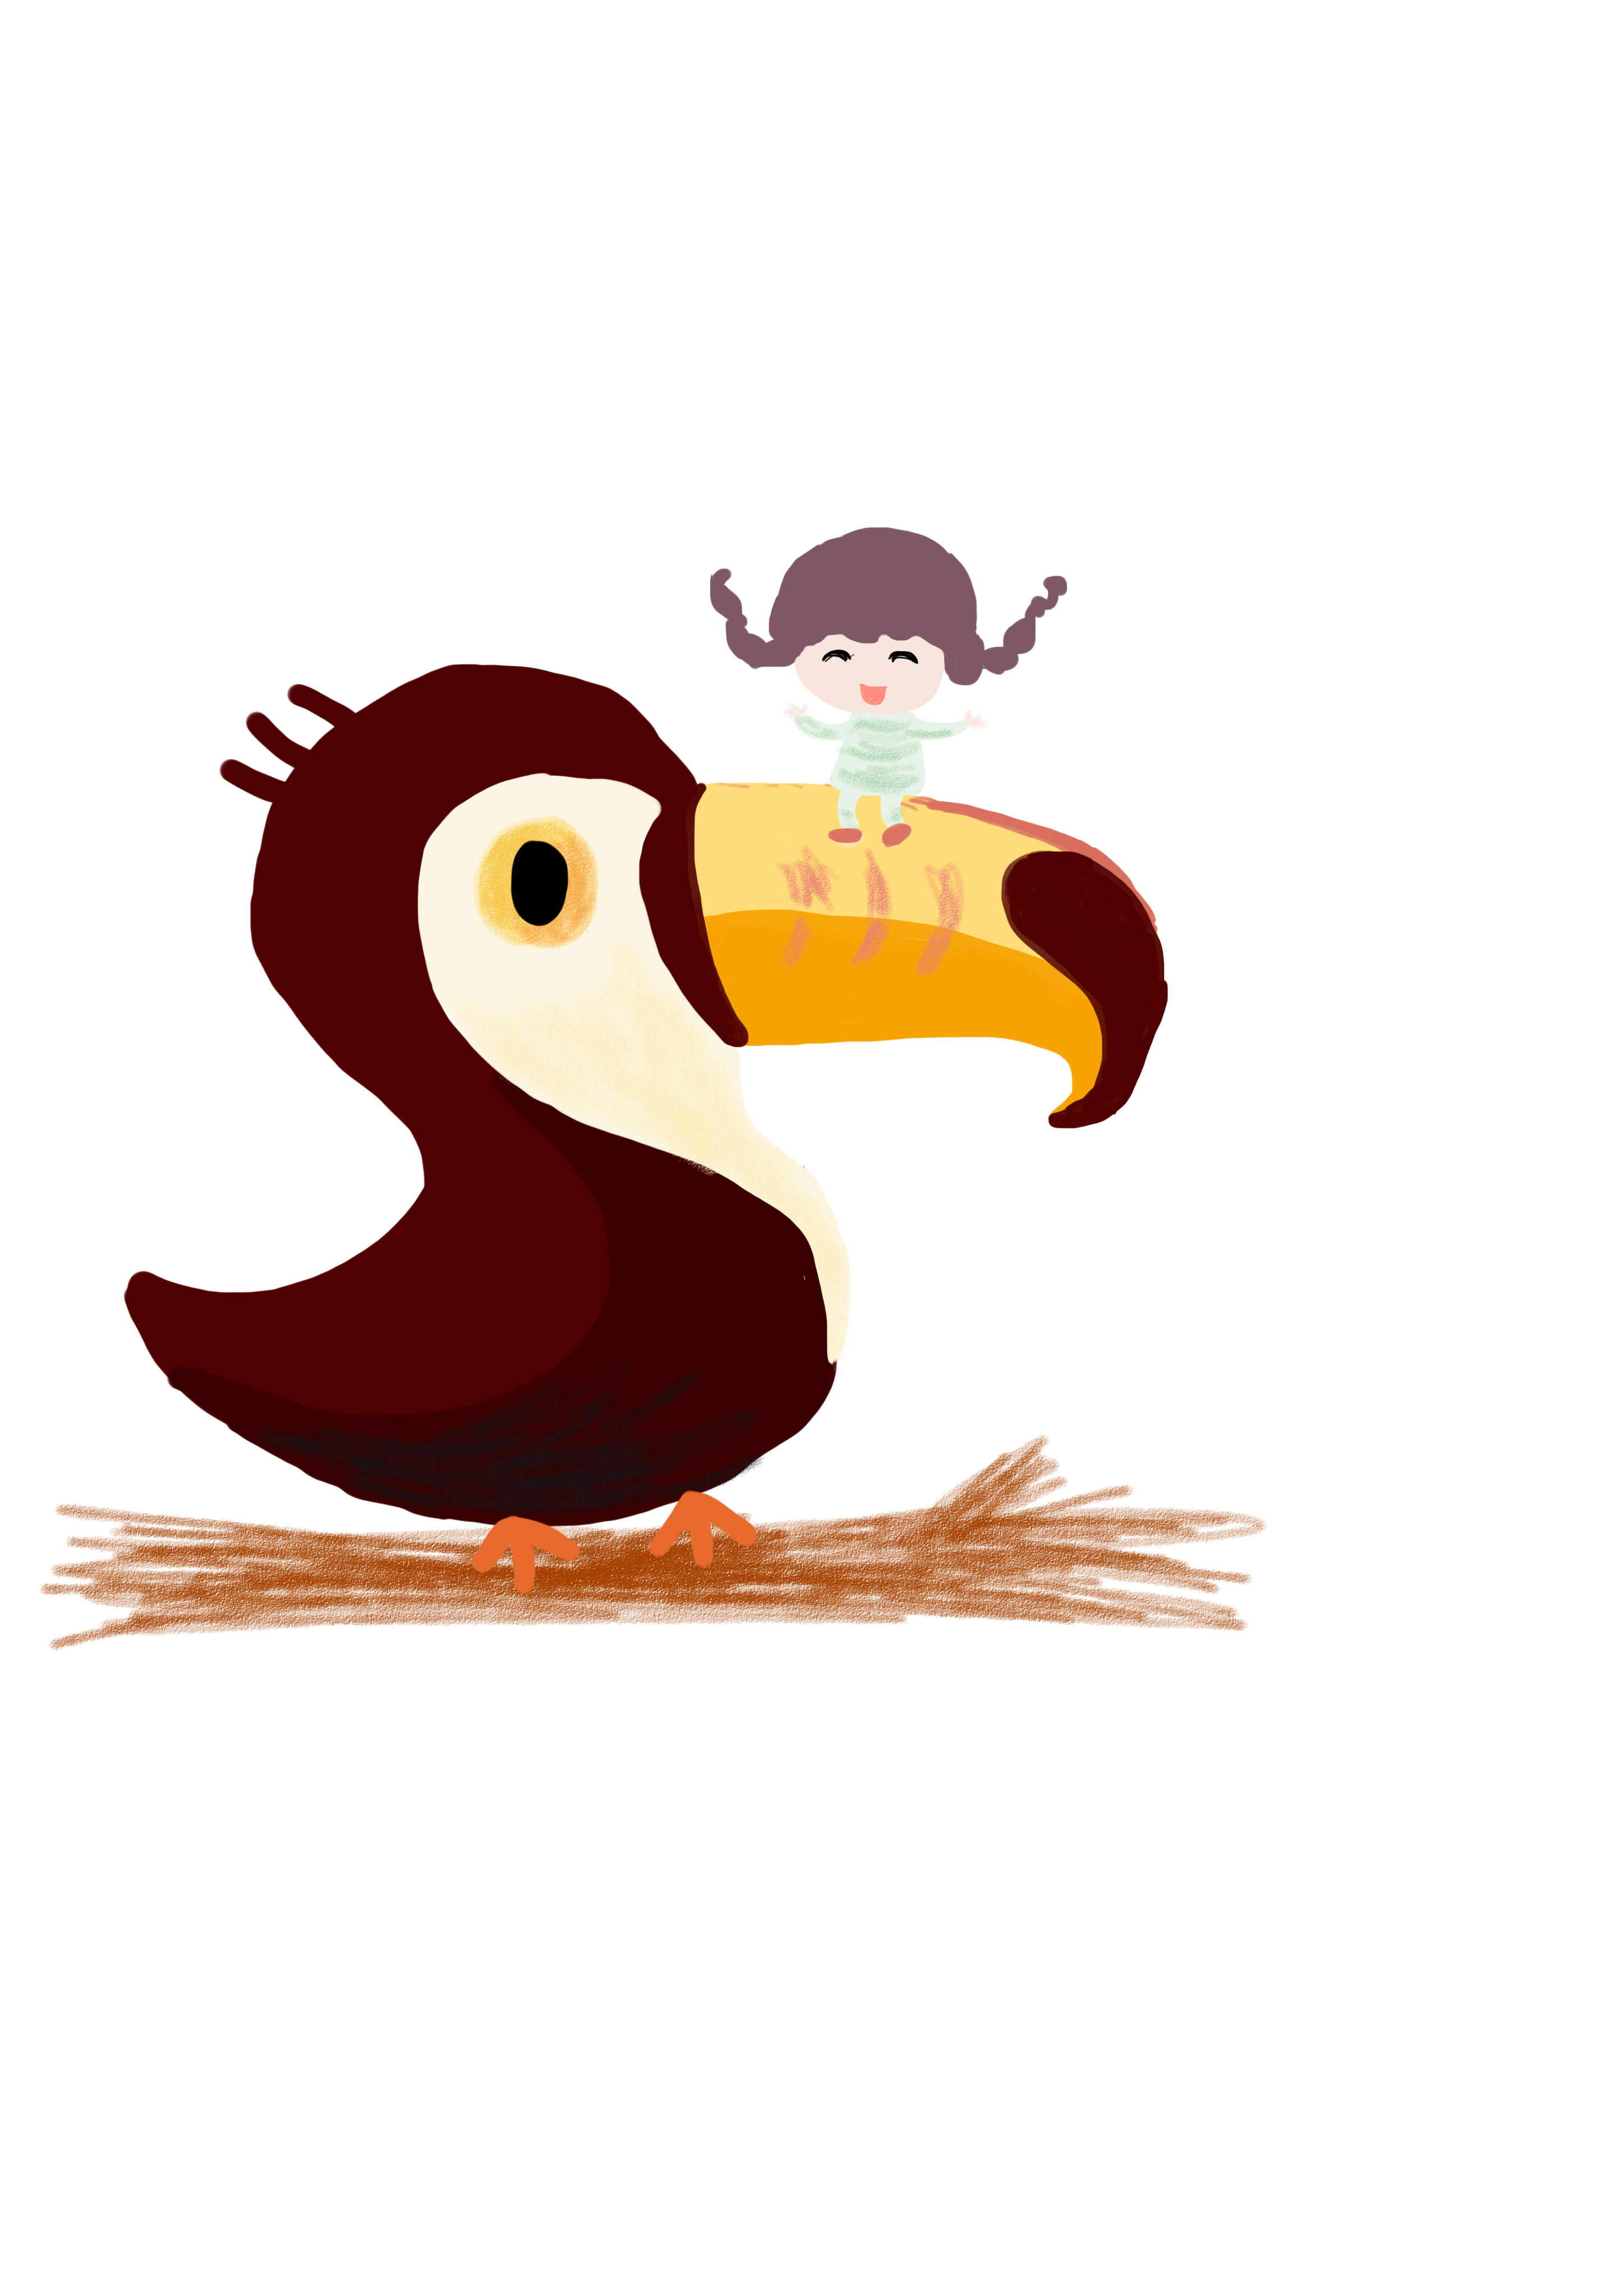 最初的手绘板作品|插画|插画习作|我爱土豆丝 - 原创